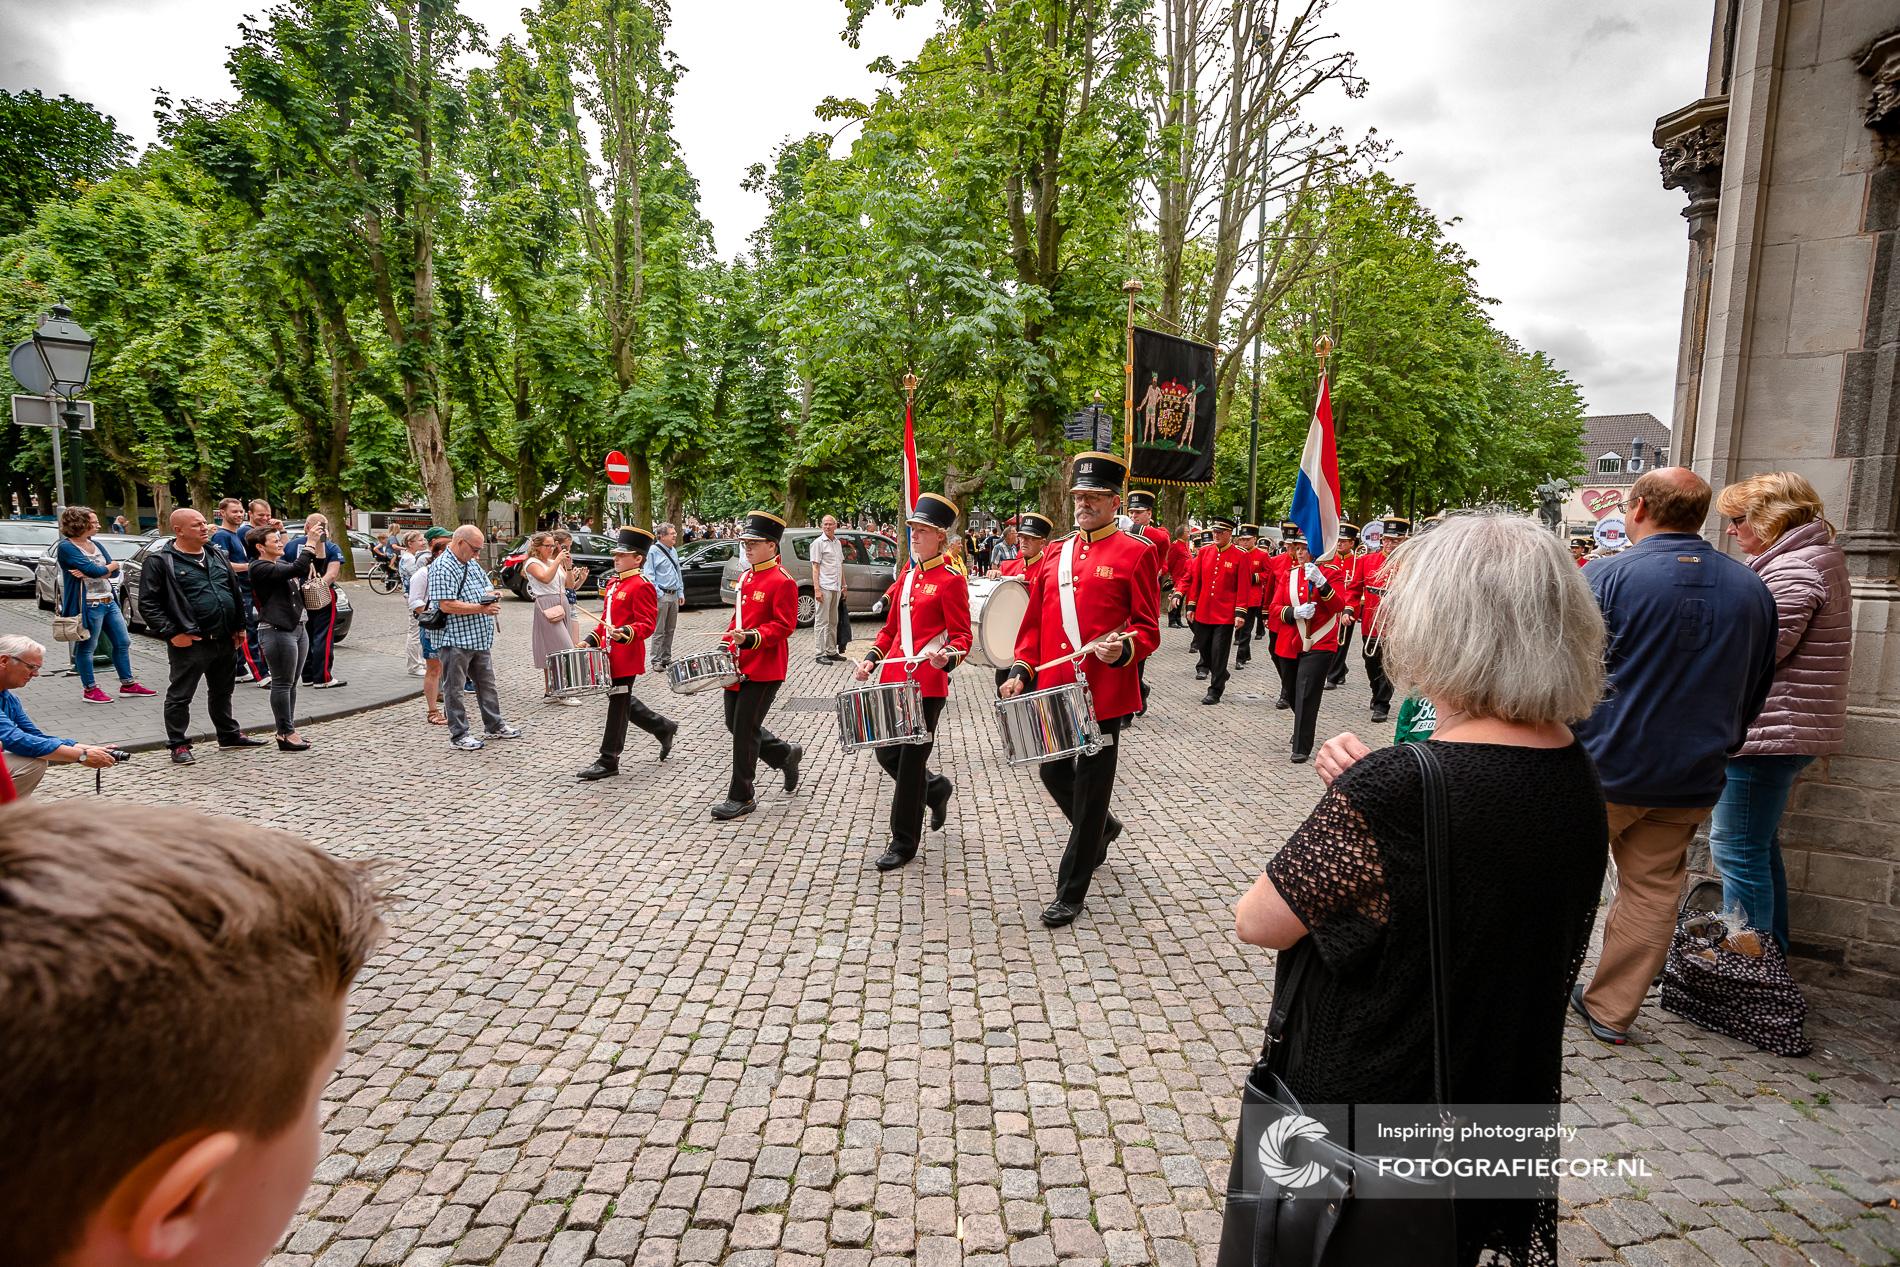 Den Bosch | Taptoe | event fotografie | fotograaf | evenementen | muziek | concert | fotograaf